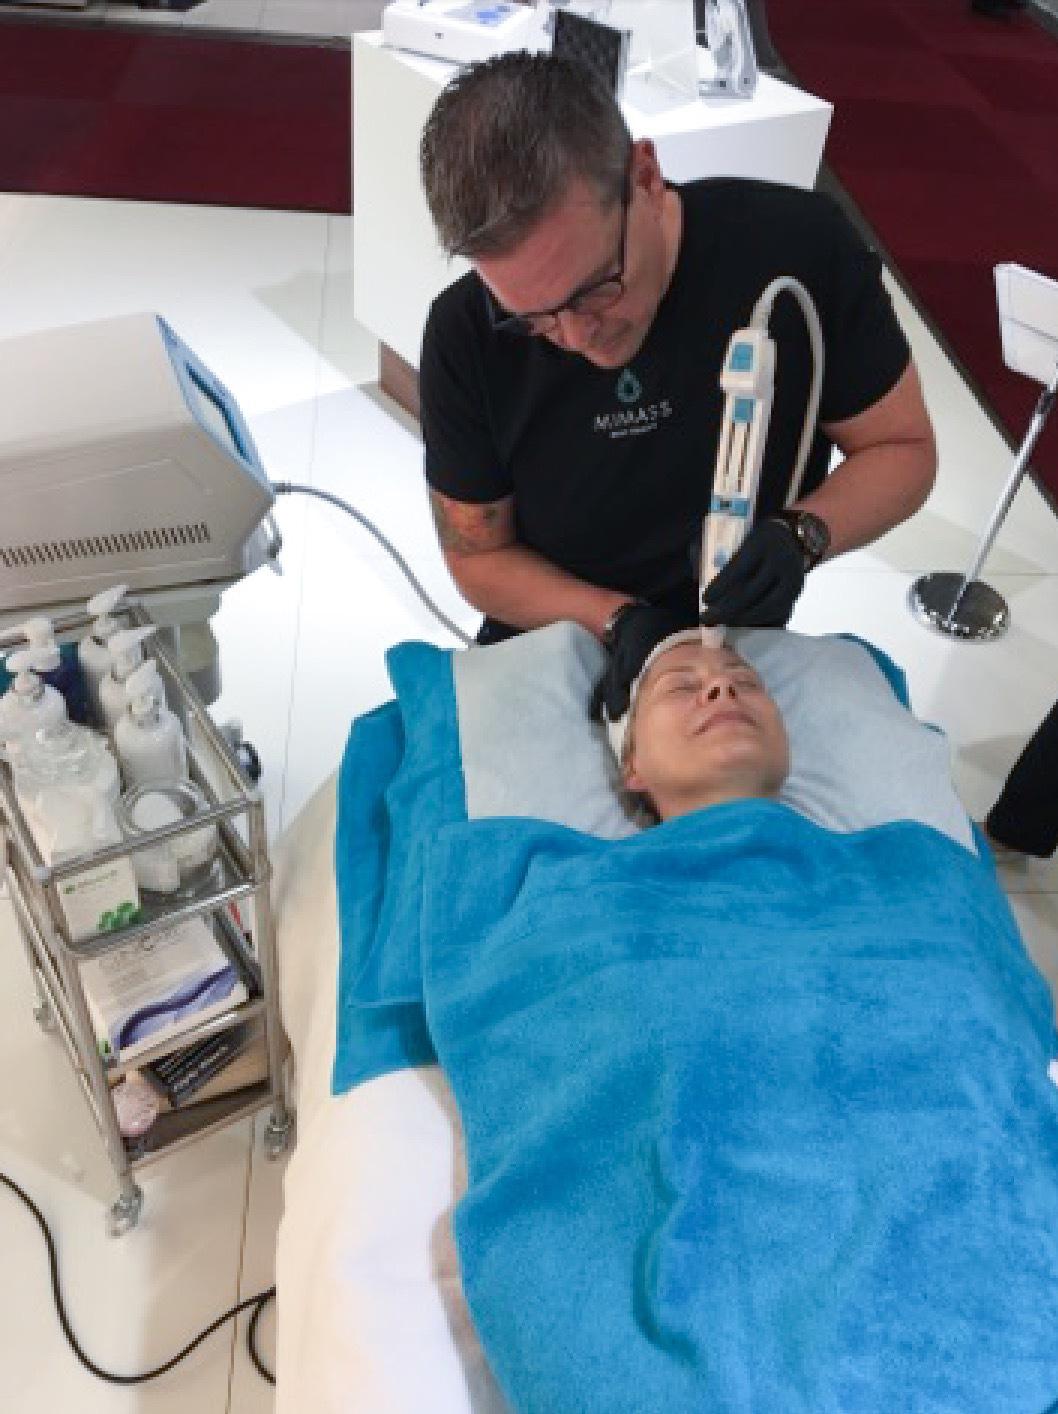 I Mimas monter fick jag en behandling av Håkan Wahlström och deras nya högtrycksmaskin Infusion System